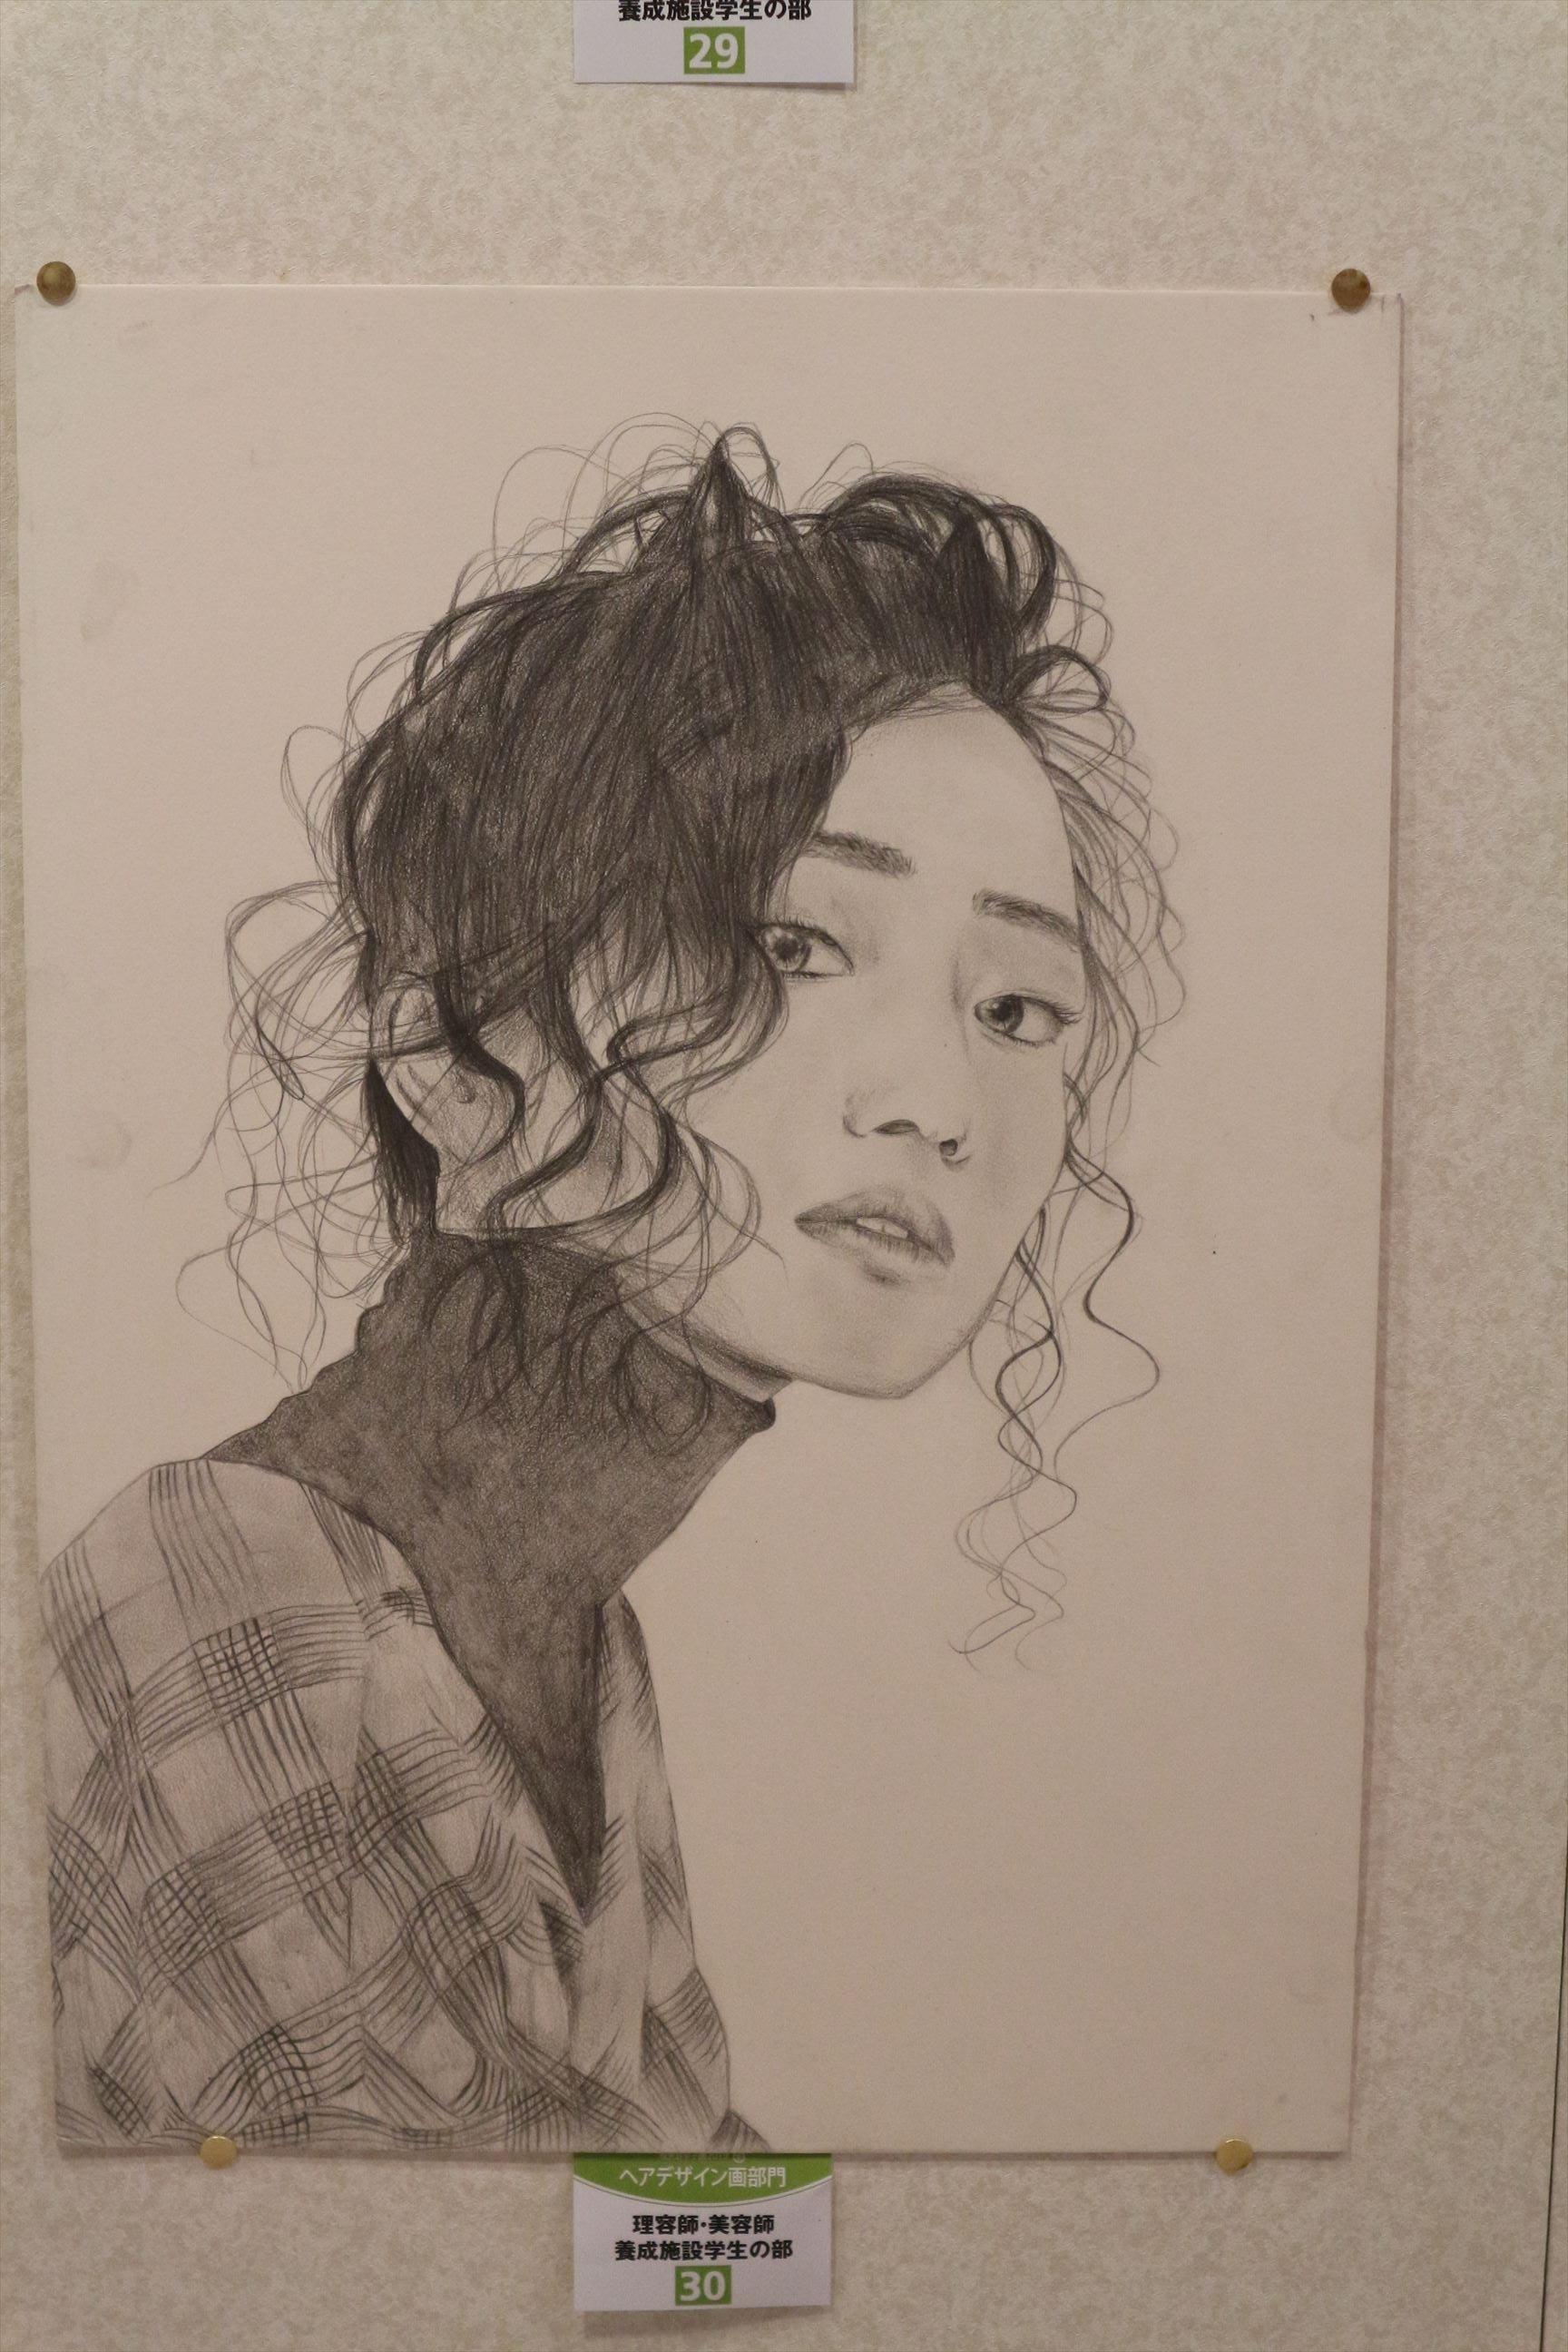 敢闘賞デザイン画作品 柏葉_R